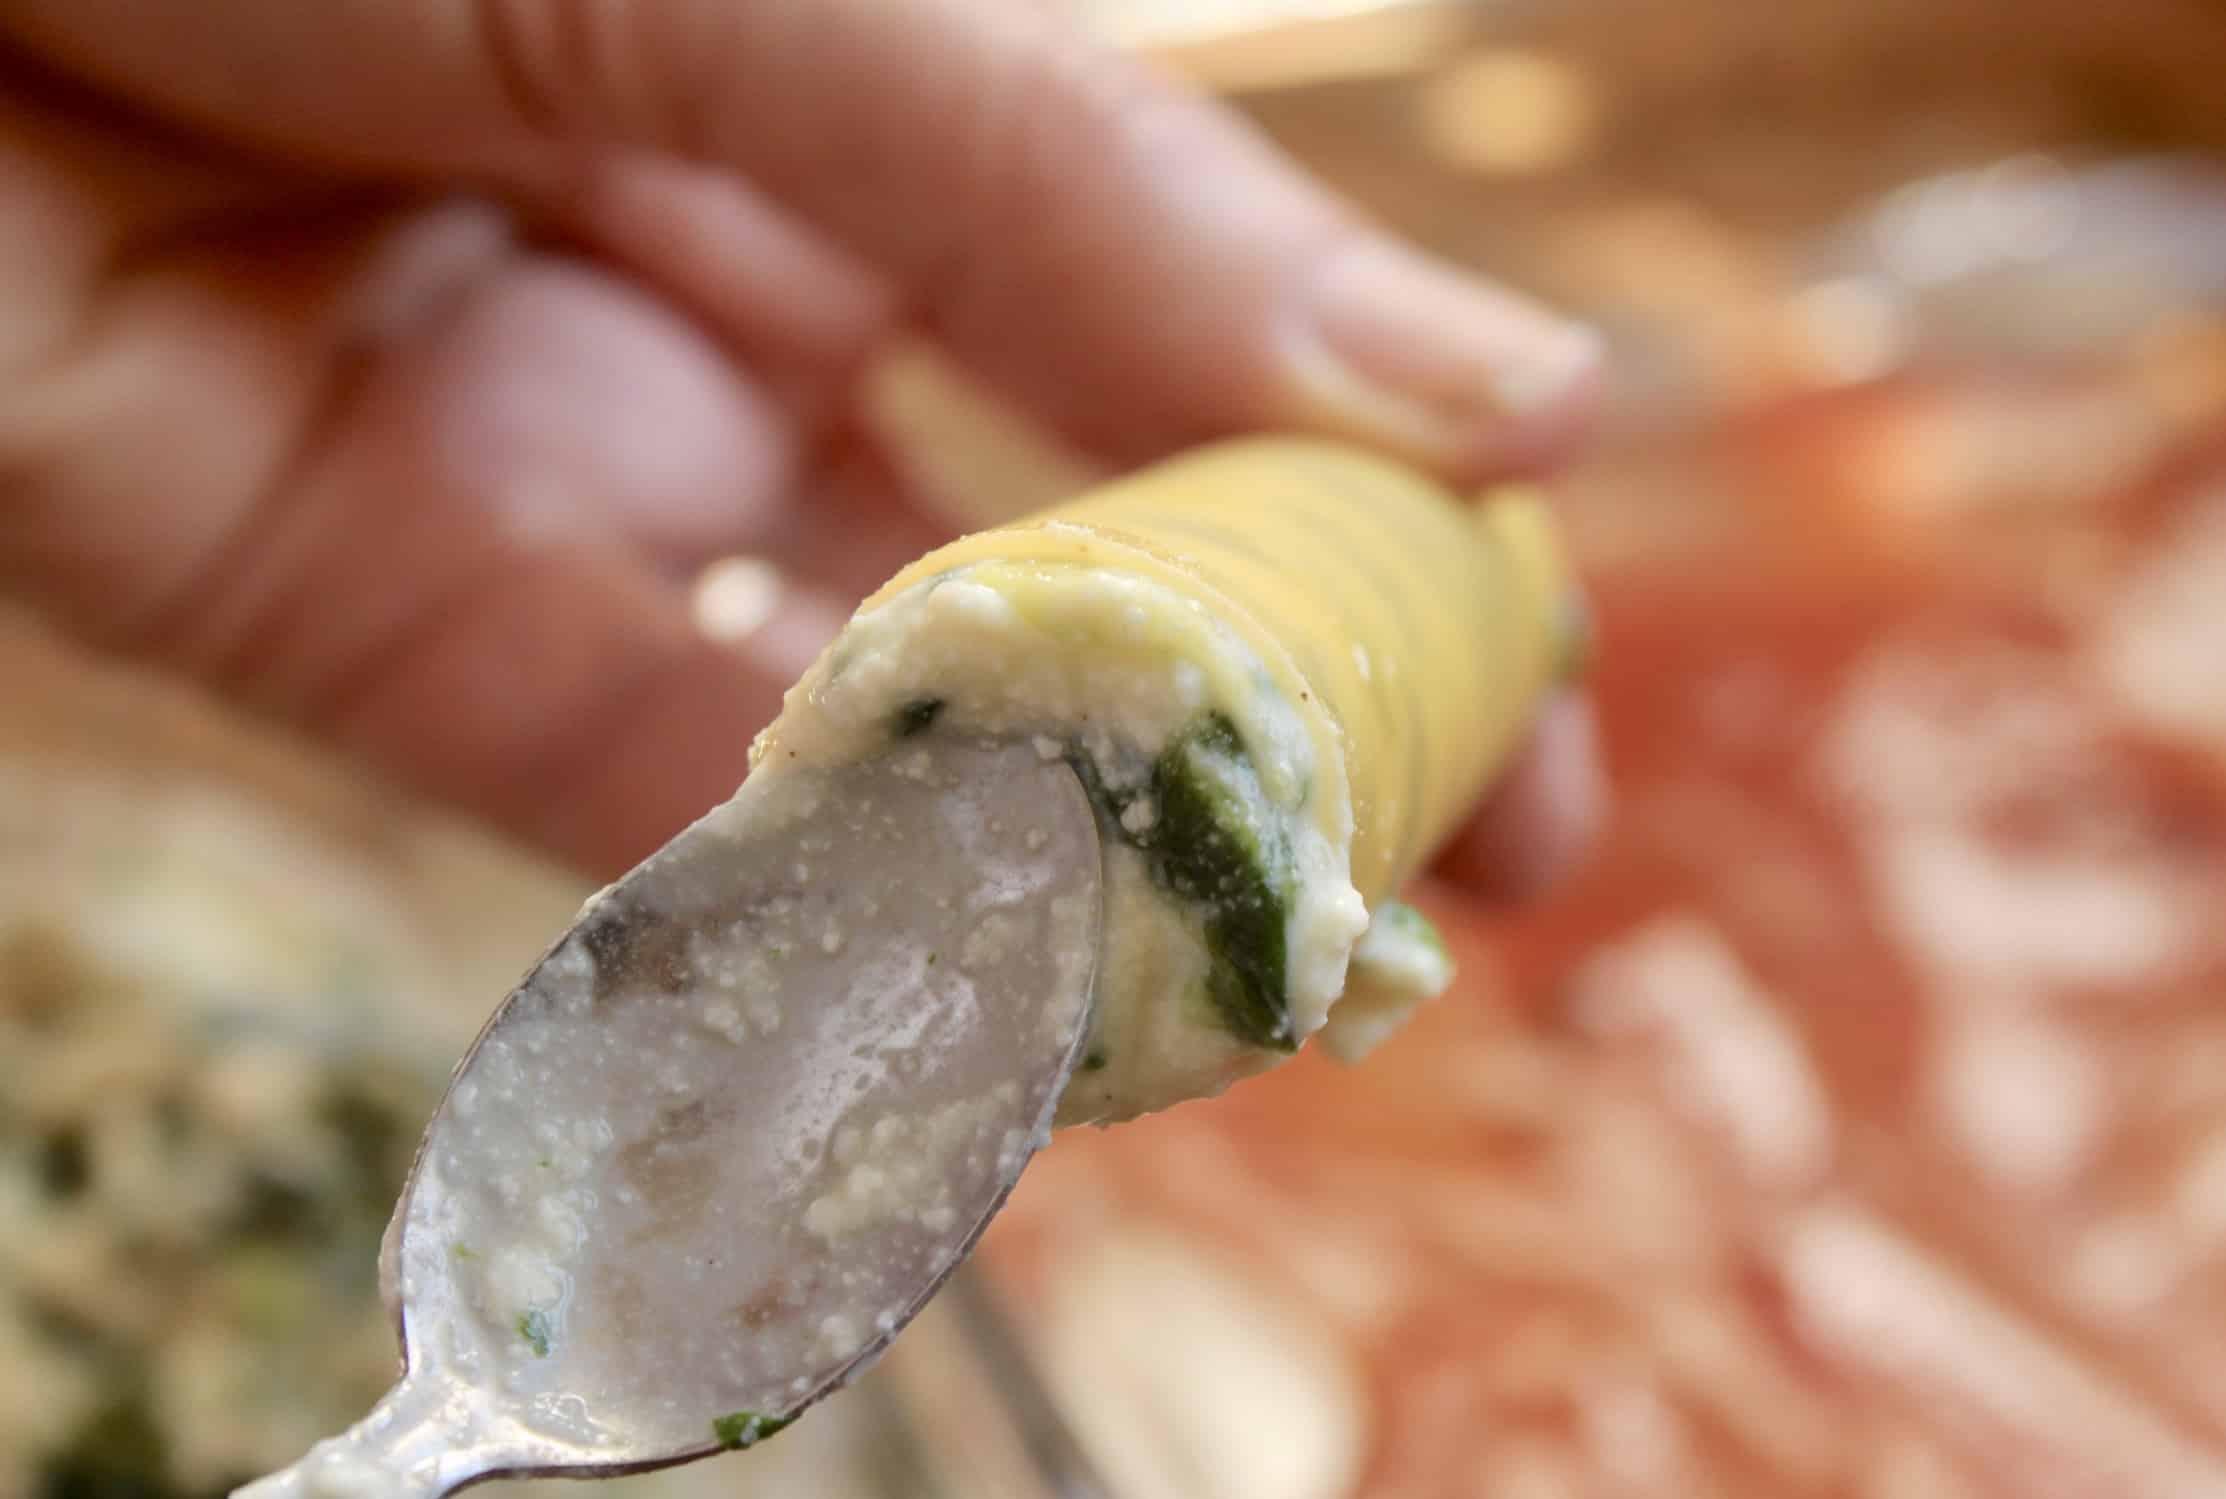 stuffing a manicotti shell